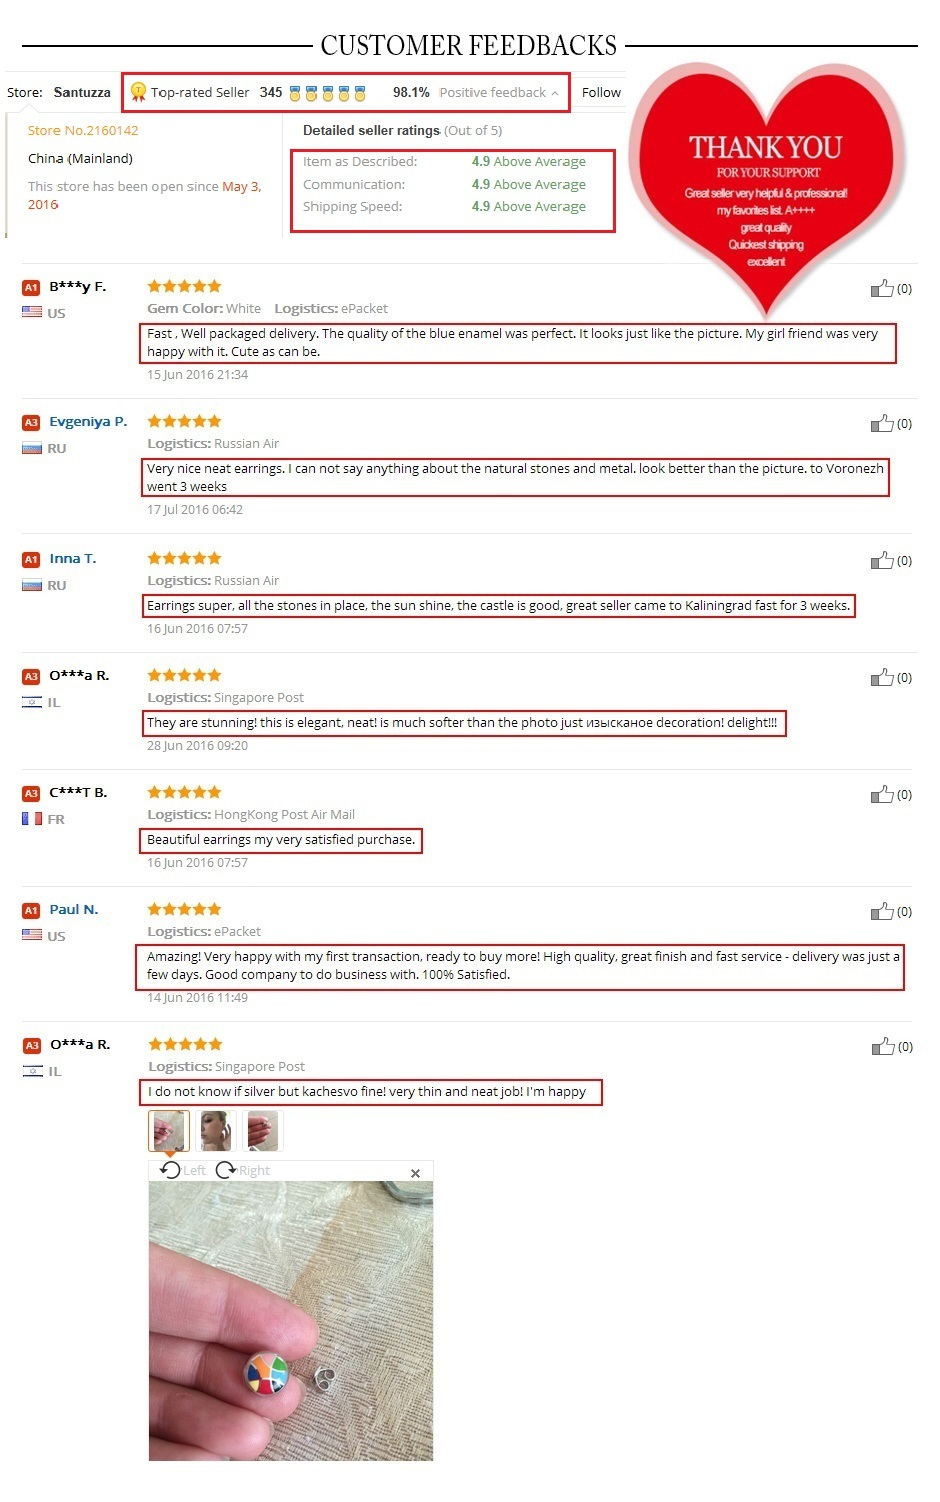 2 - customer feedback